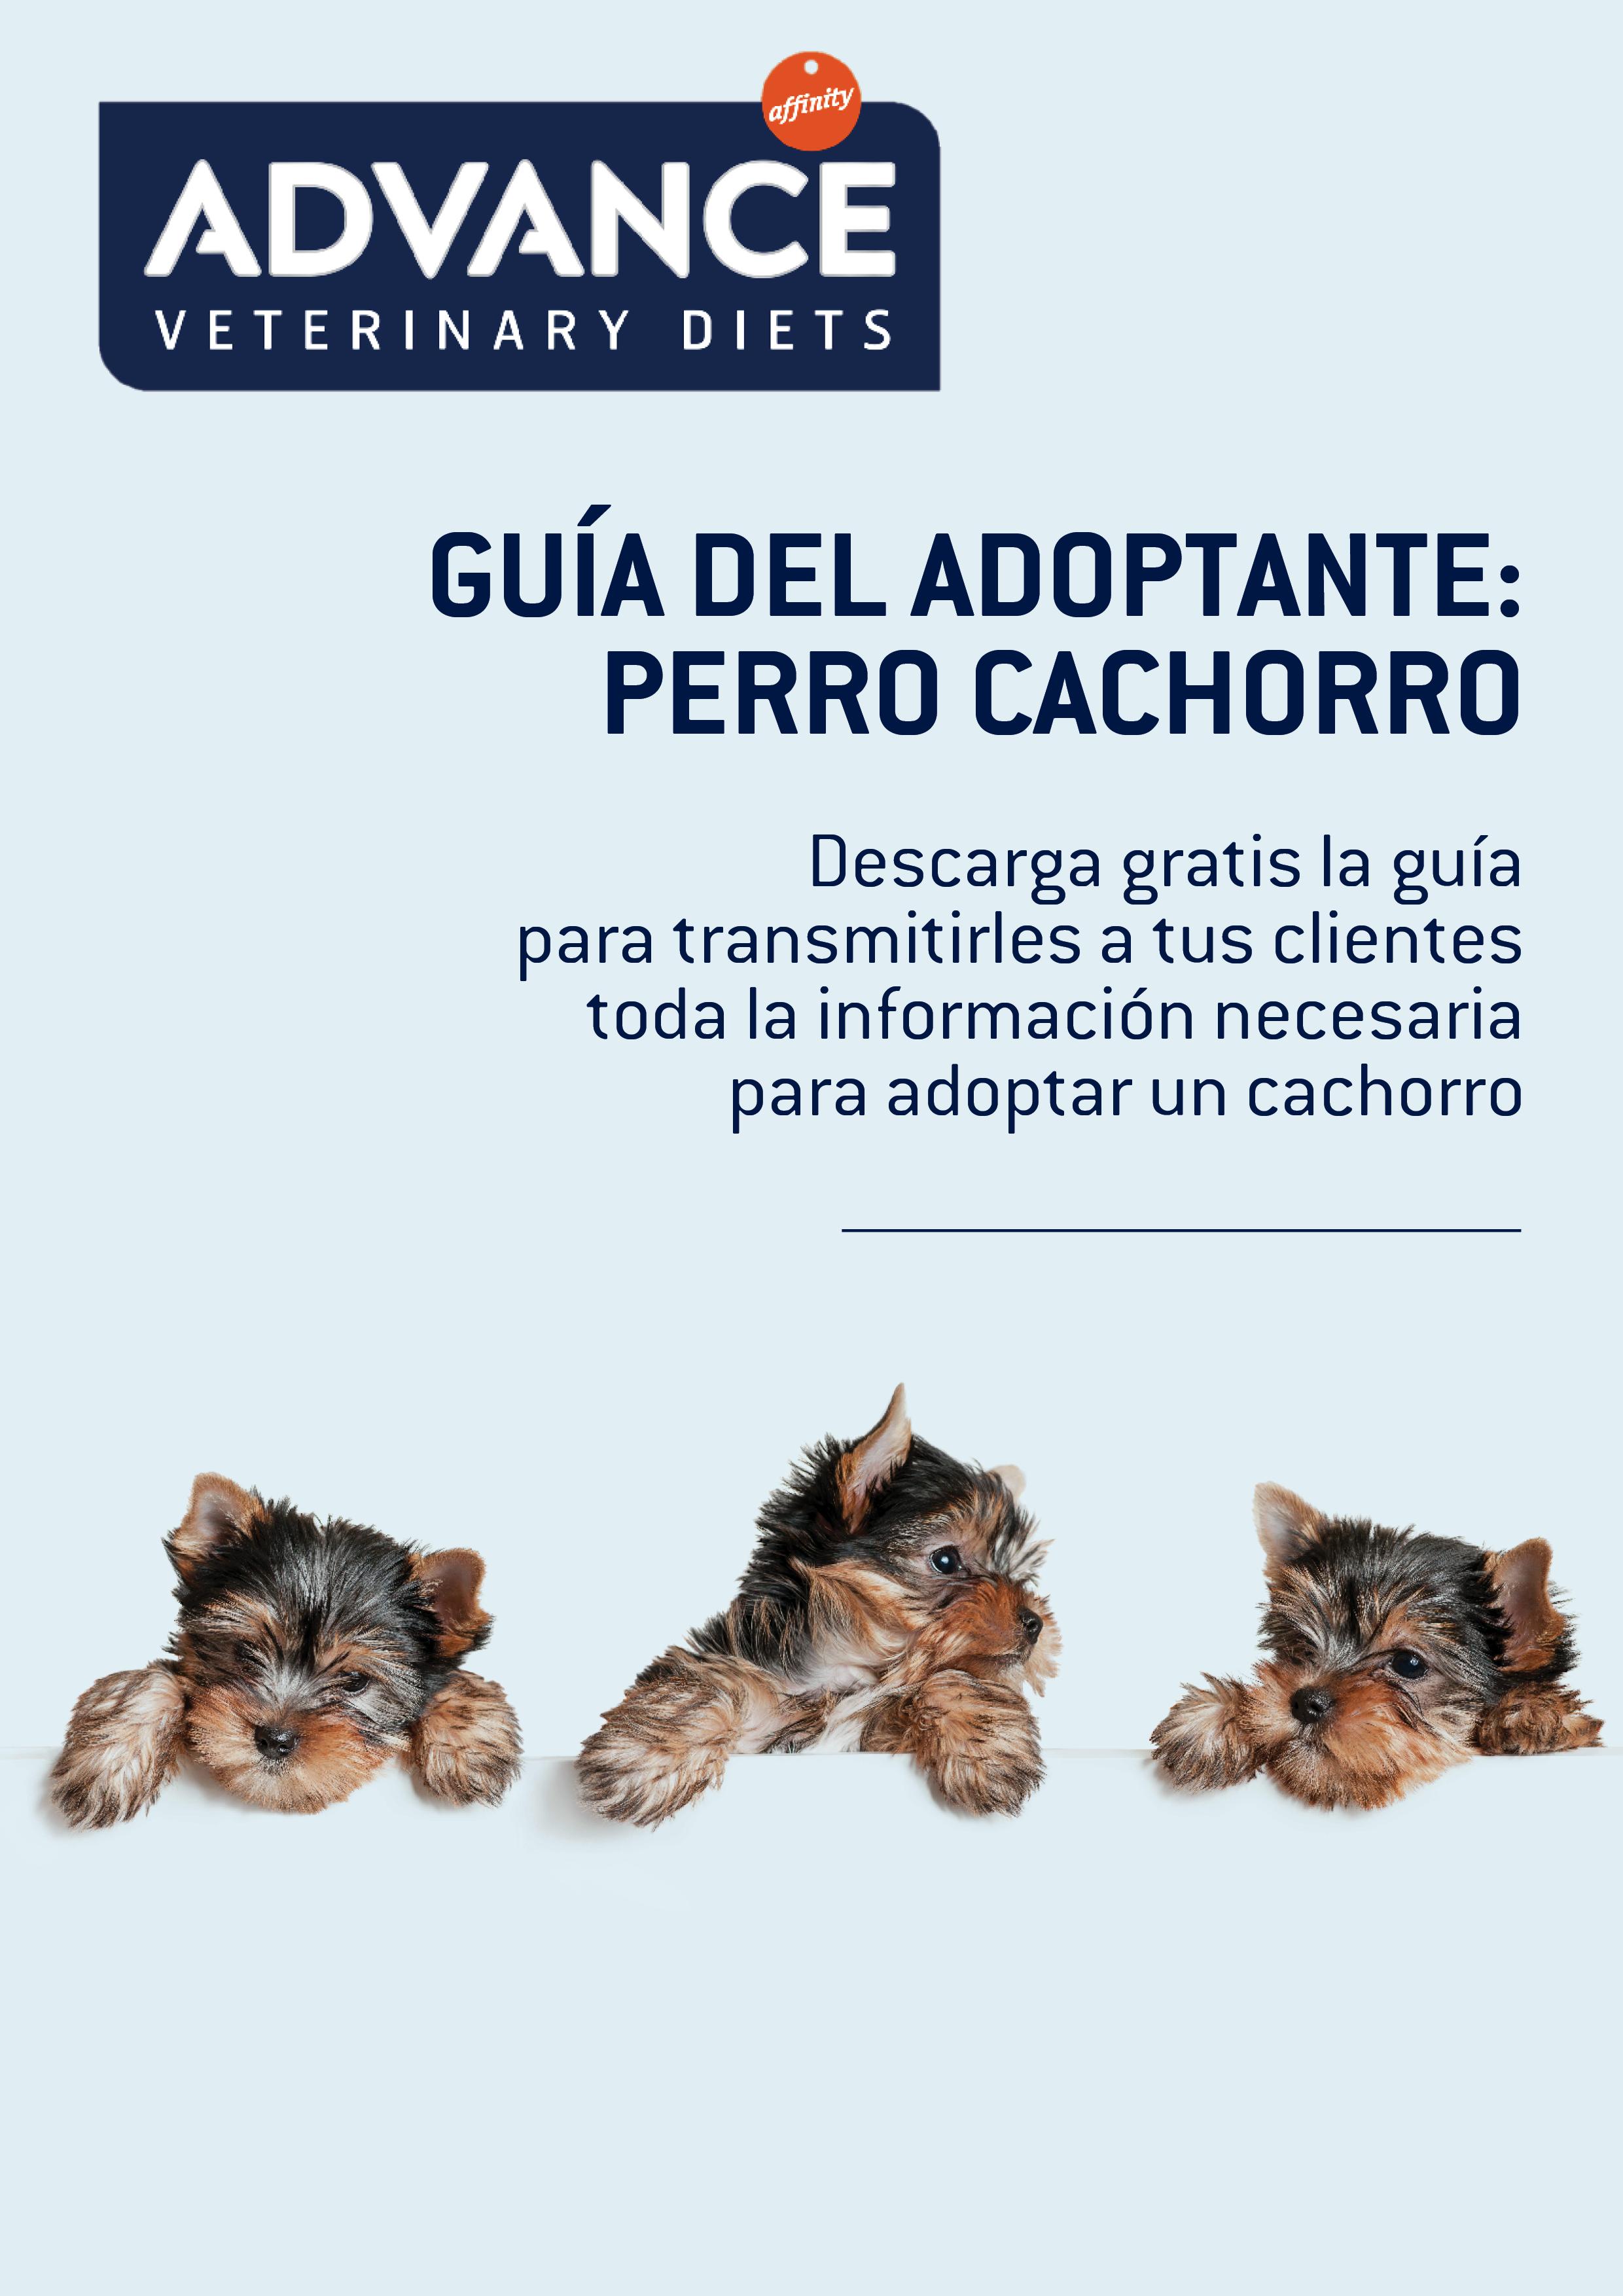 portada_guia_adoptante.png